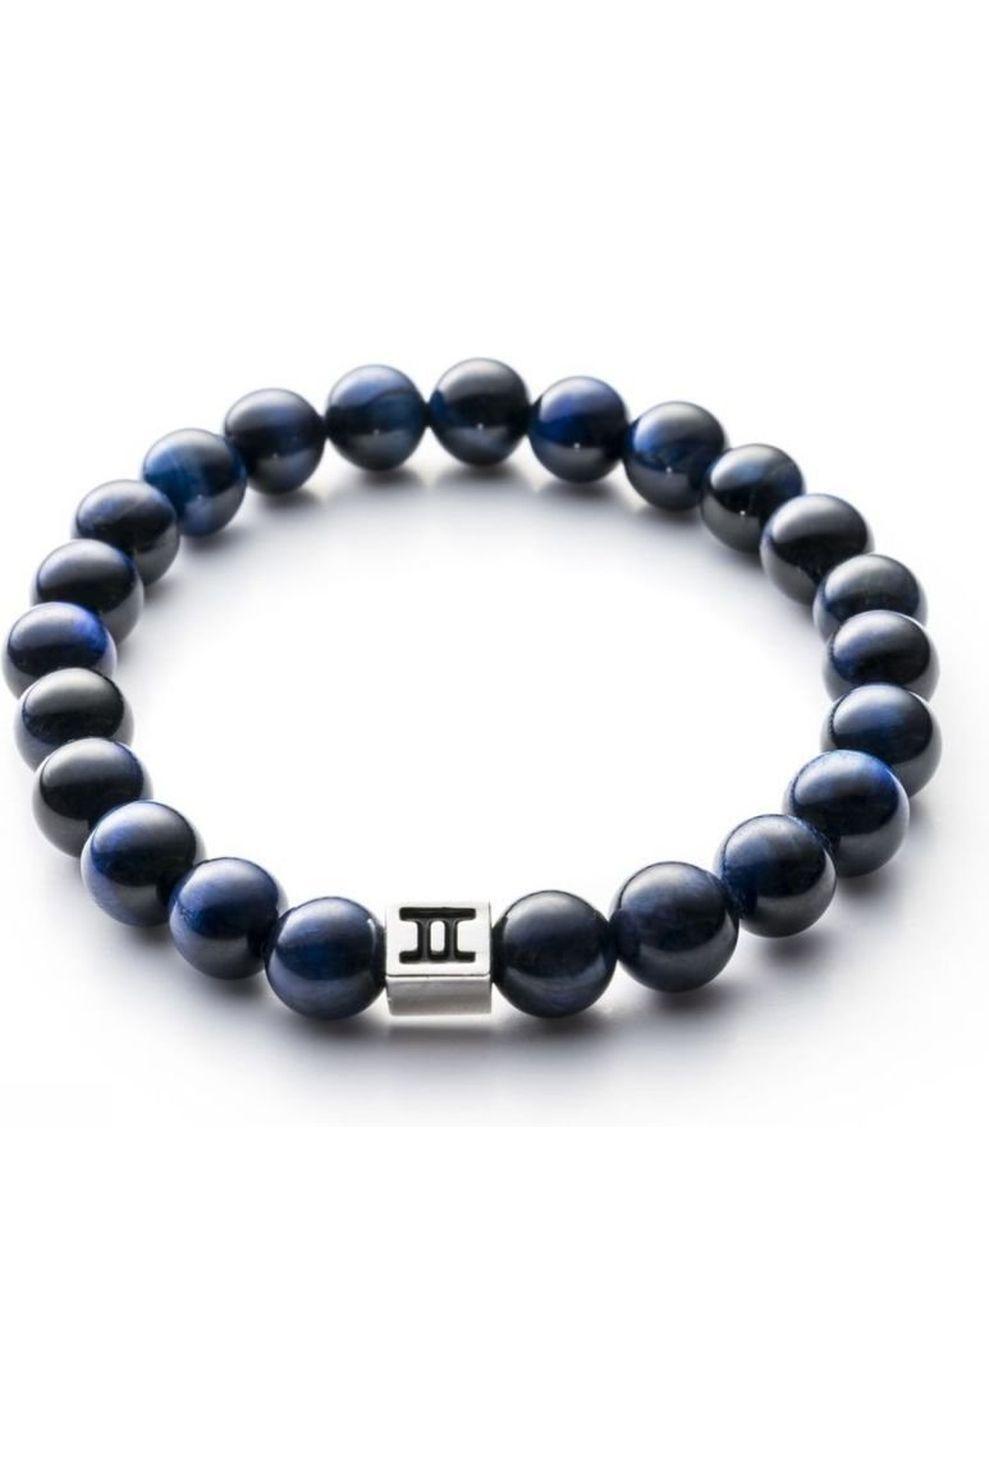 Gemini Armband C16 voor heren Blauw Maten: S, M